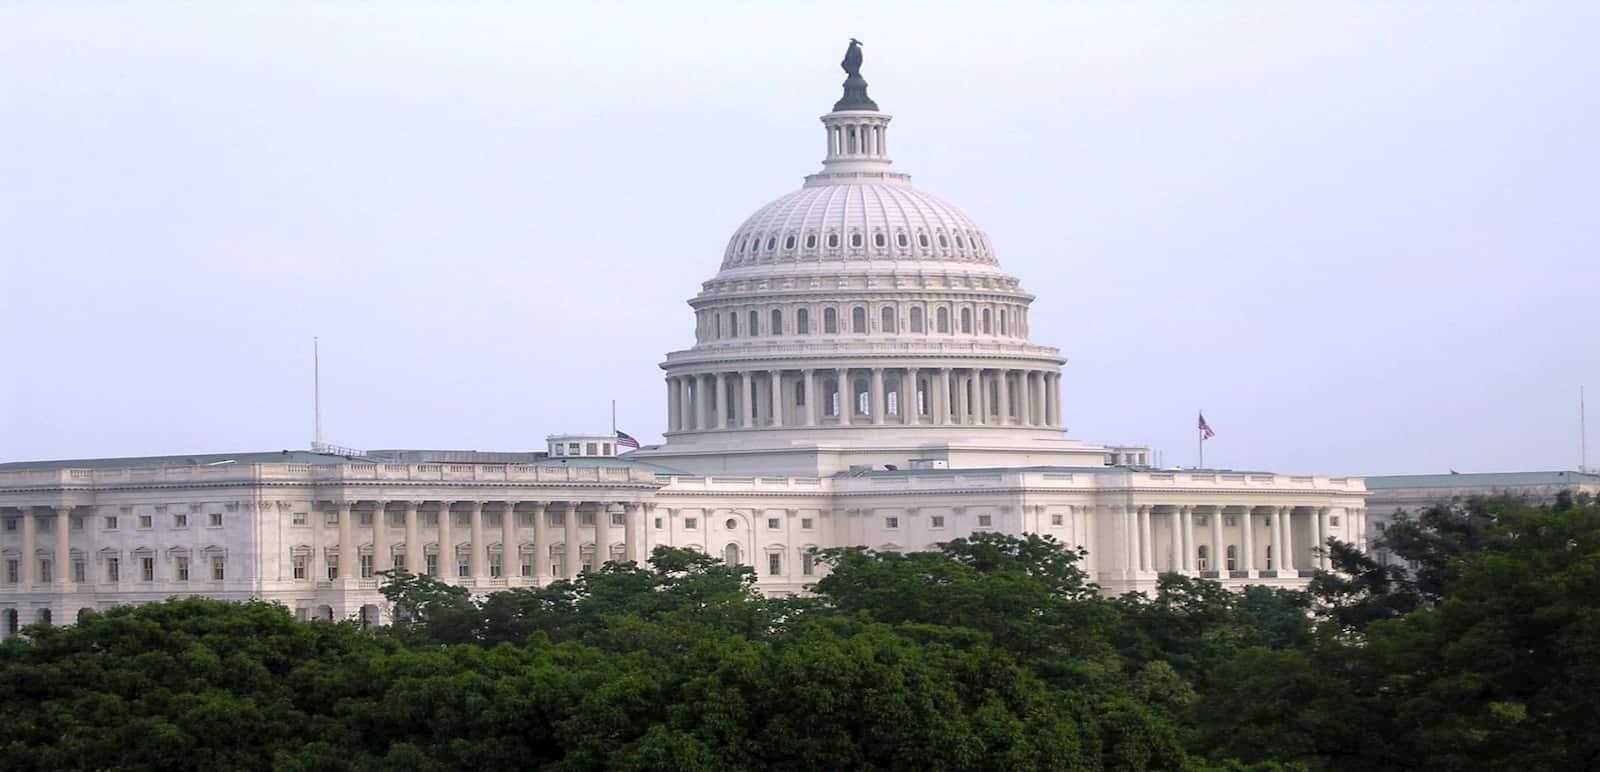 Excursión a Washington de 1 día desde Nueva York donde se ve el Capitolio